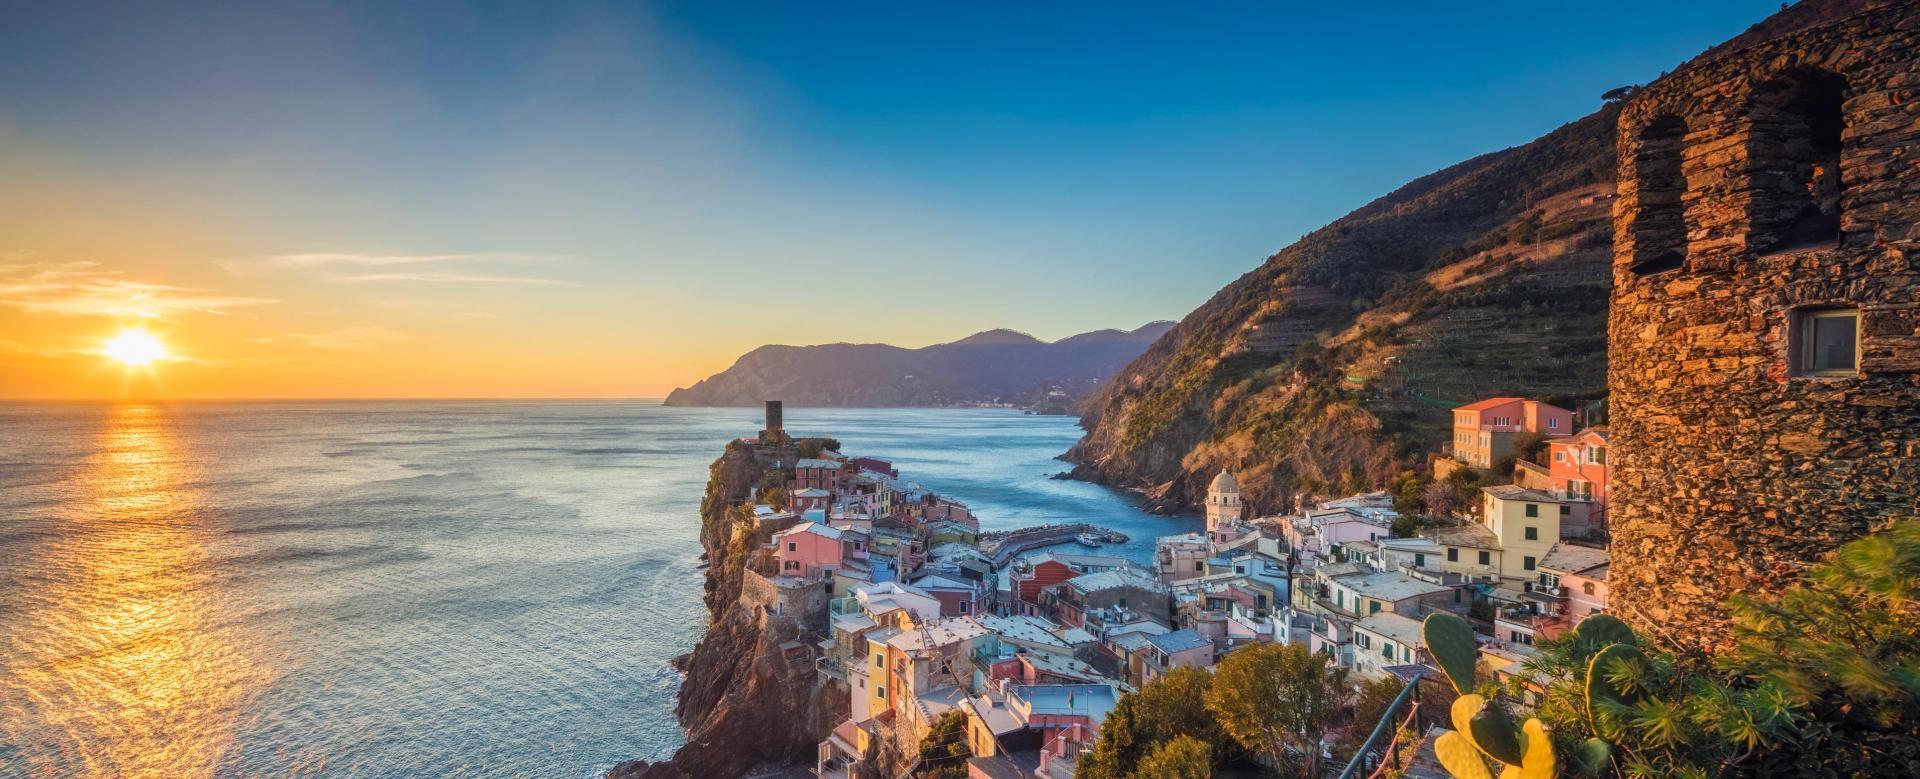 Voyage à pied Italie : Détente aux cinque terre